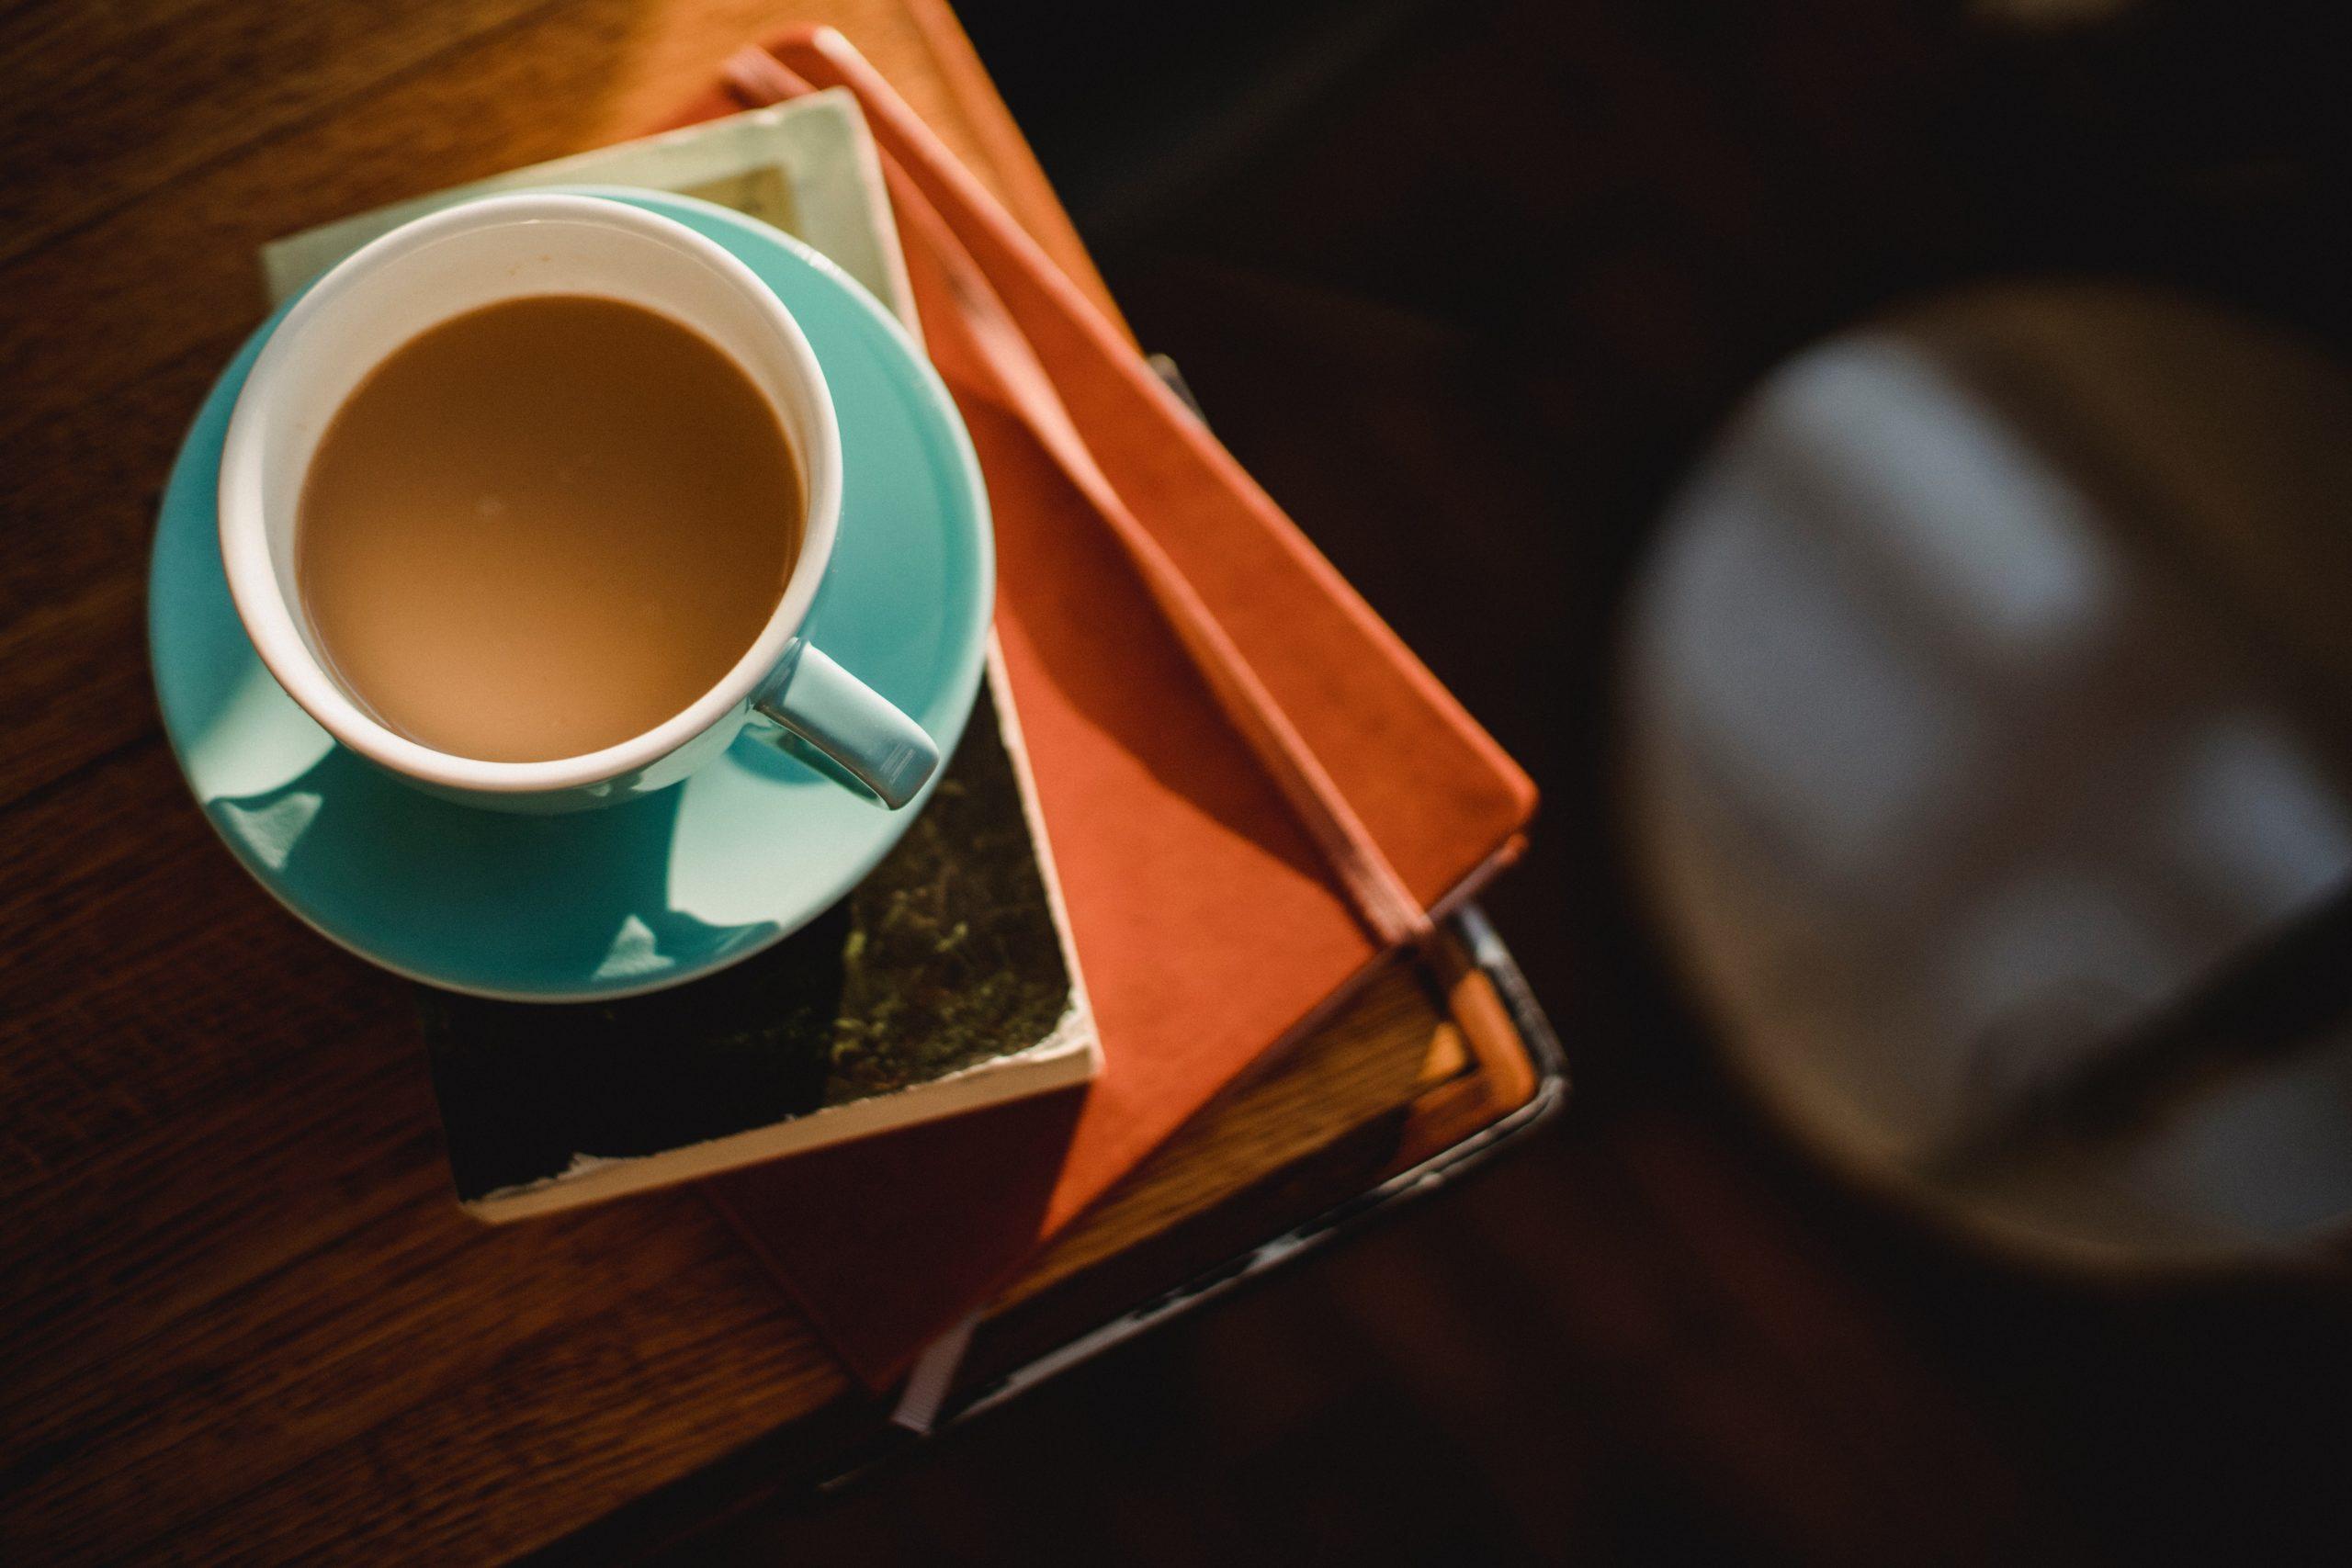 Skladujete kávu v chladničke? Nerobte to.